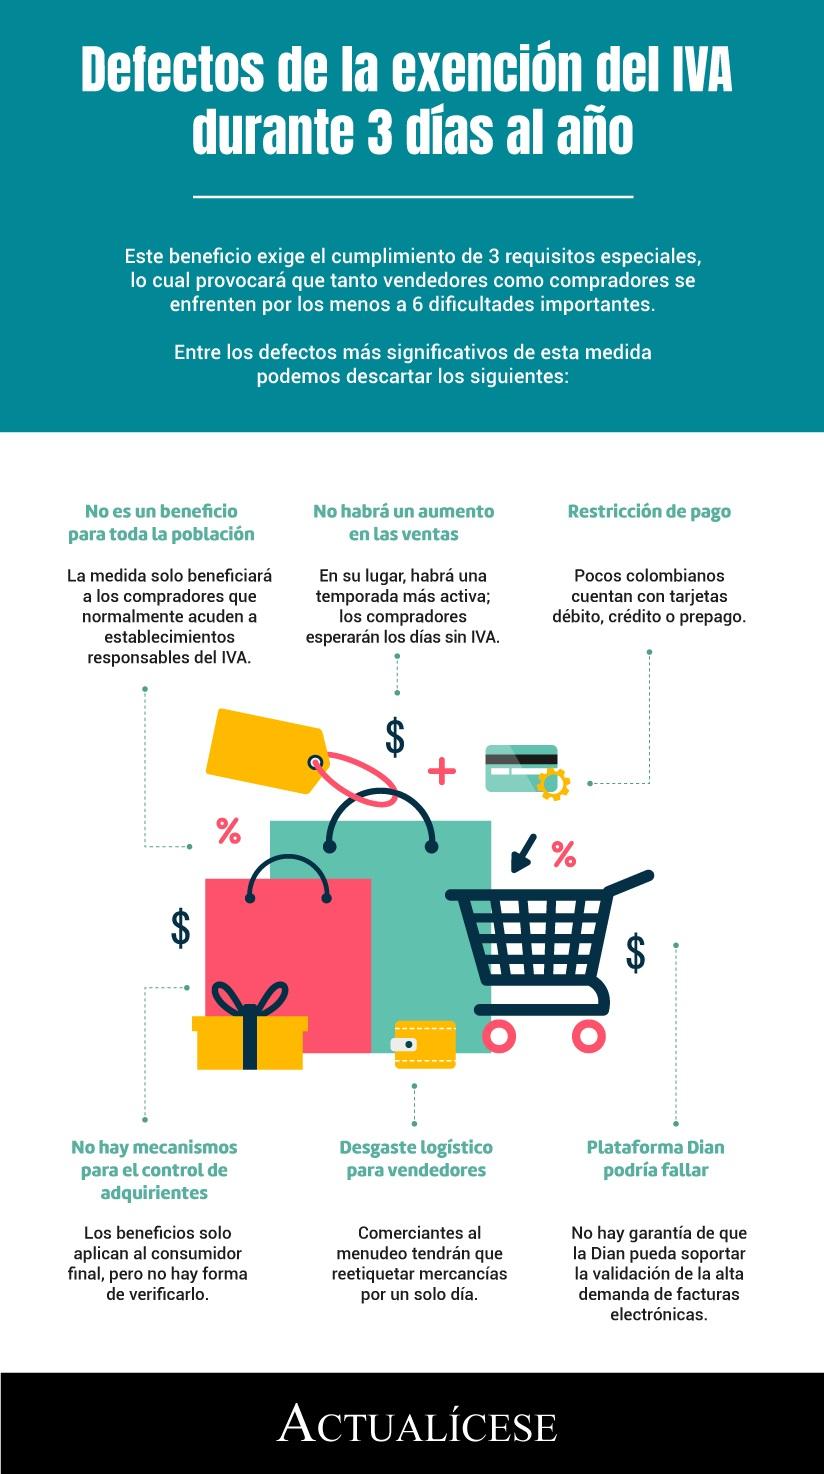 [Infografía] Defectos de la exención del IVA durante 3 días al año